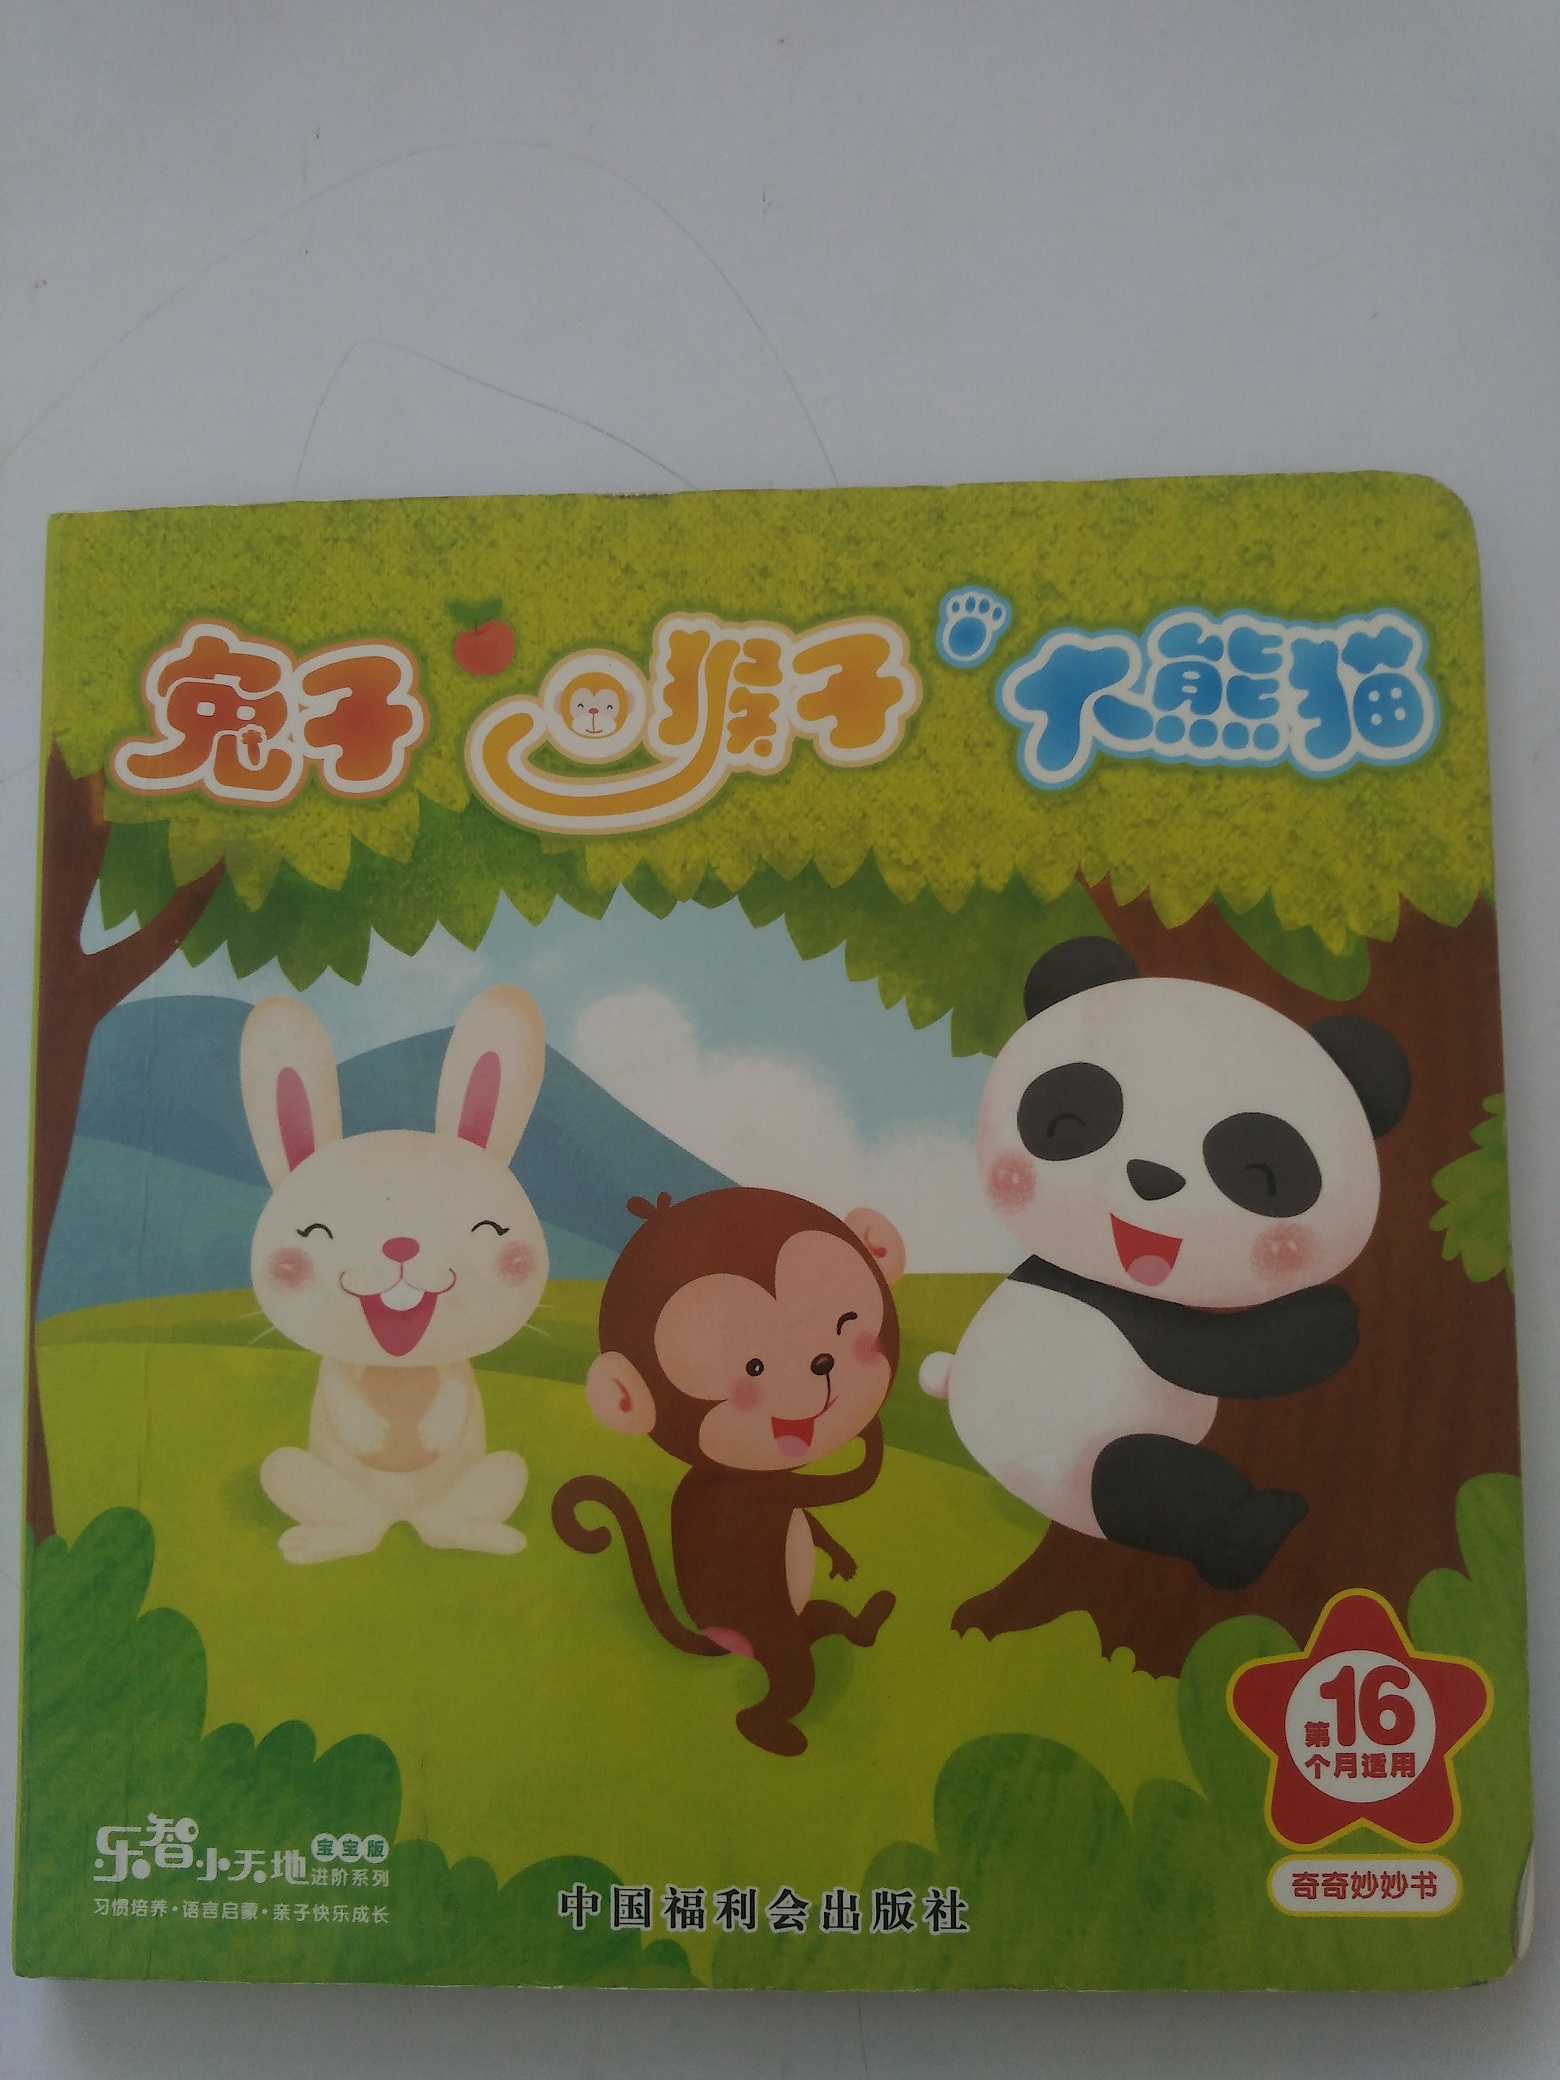 兔子,猴子,大熊猫